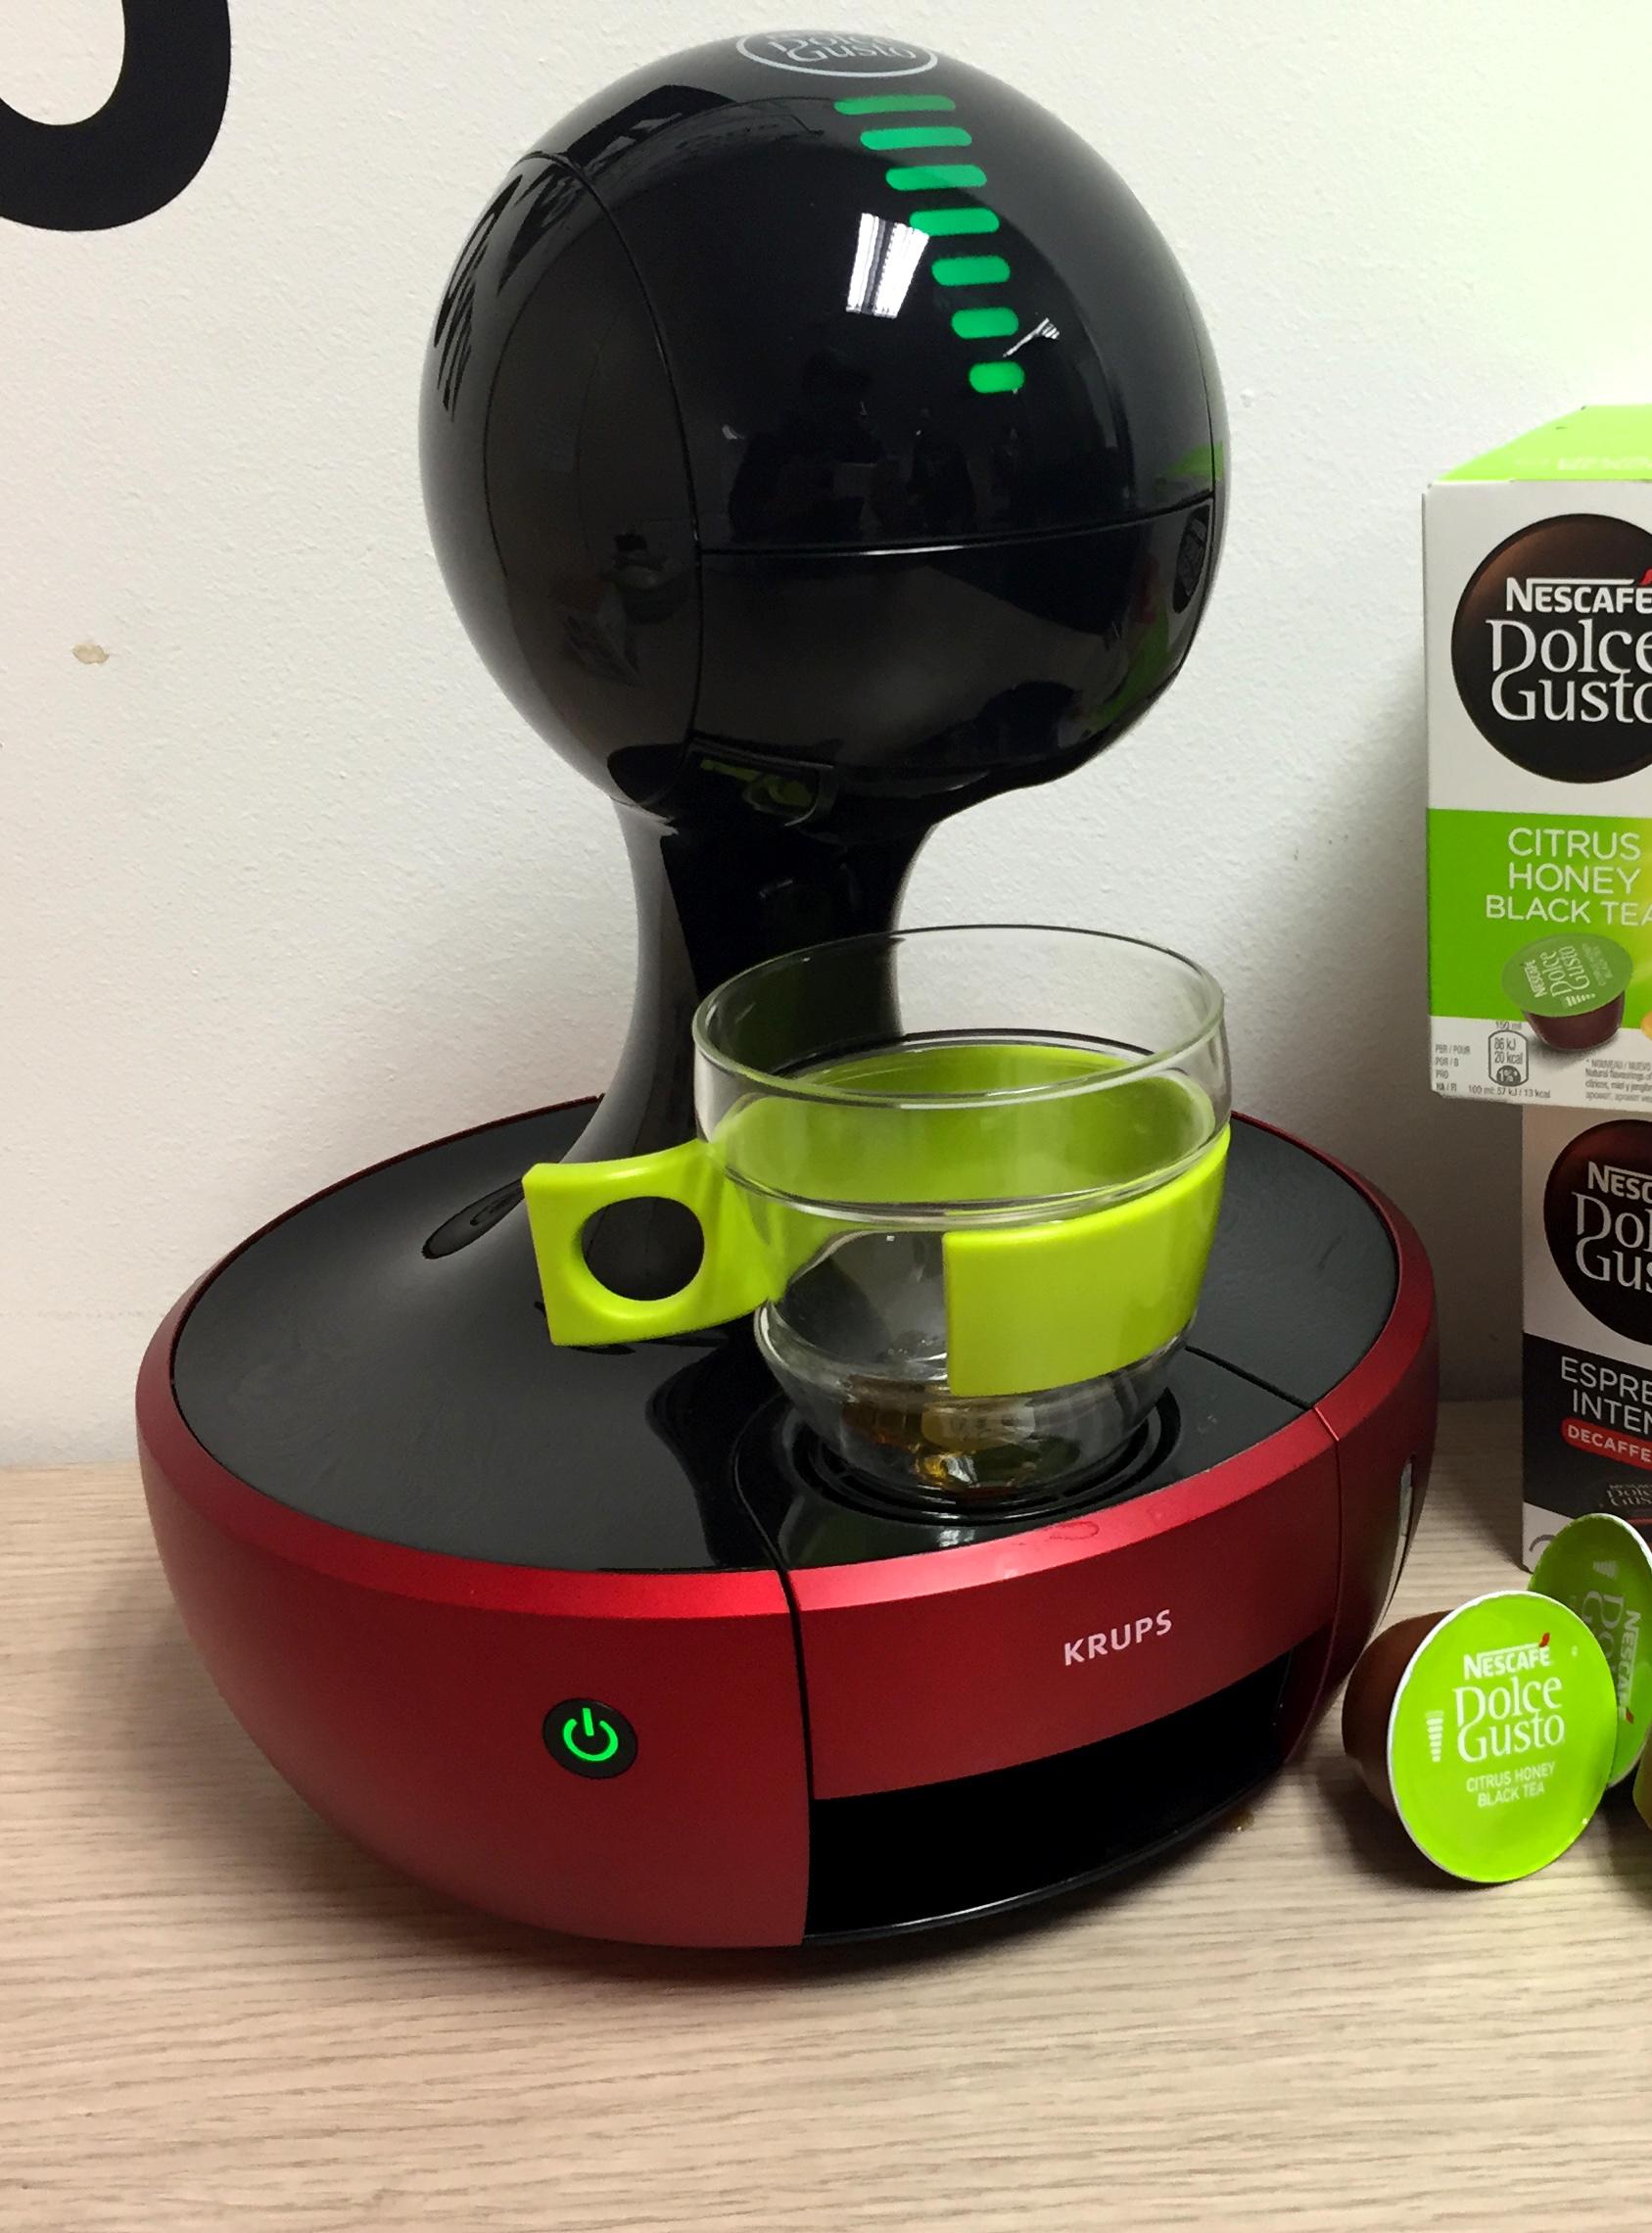 Nescafe Cafe Con Leche Reviews